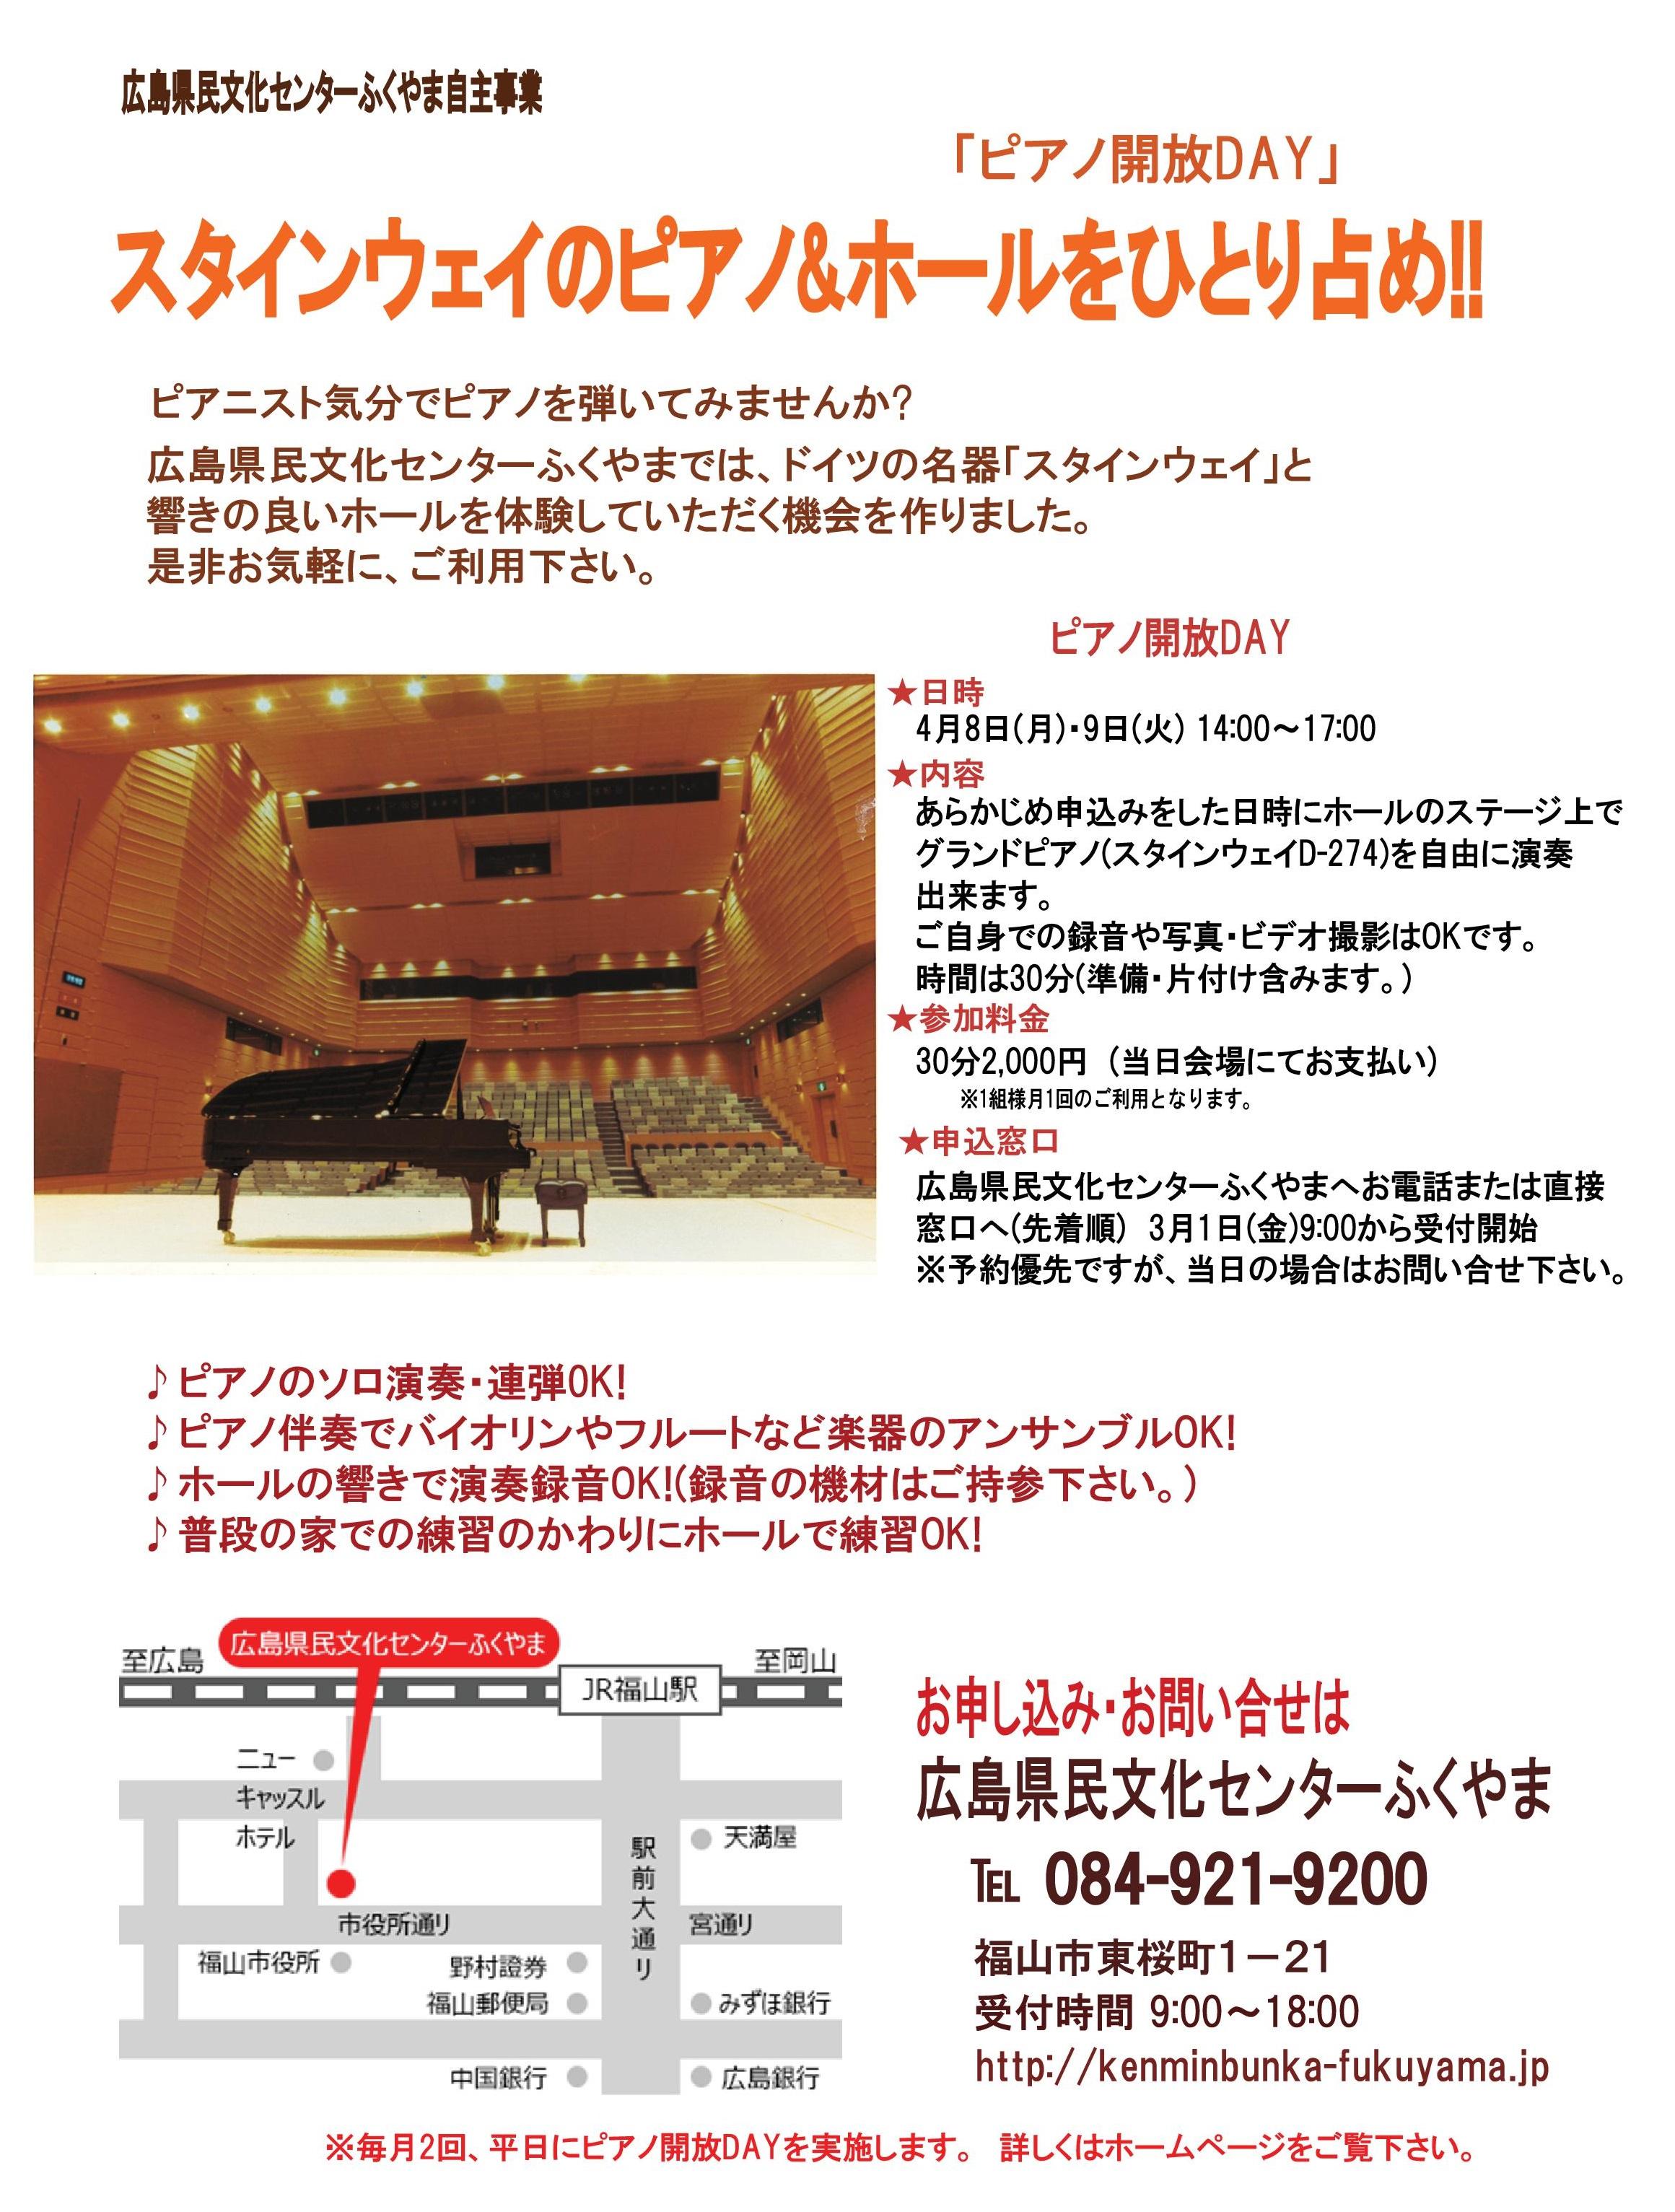 ◆ピアノ開放DAY2019.4.8,9(改)地図訂正後